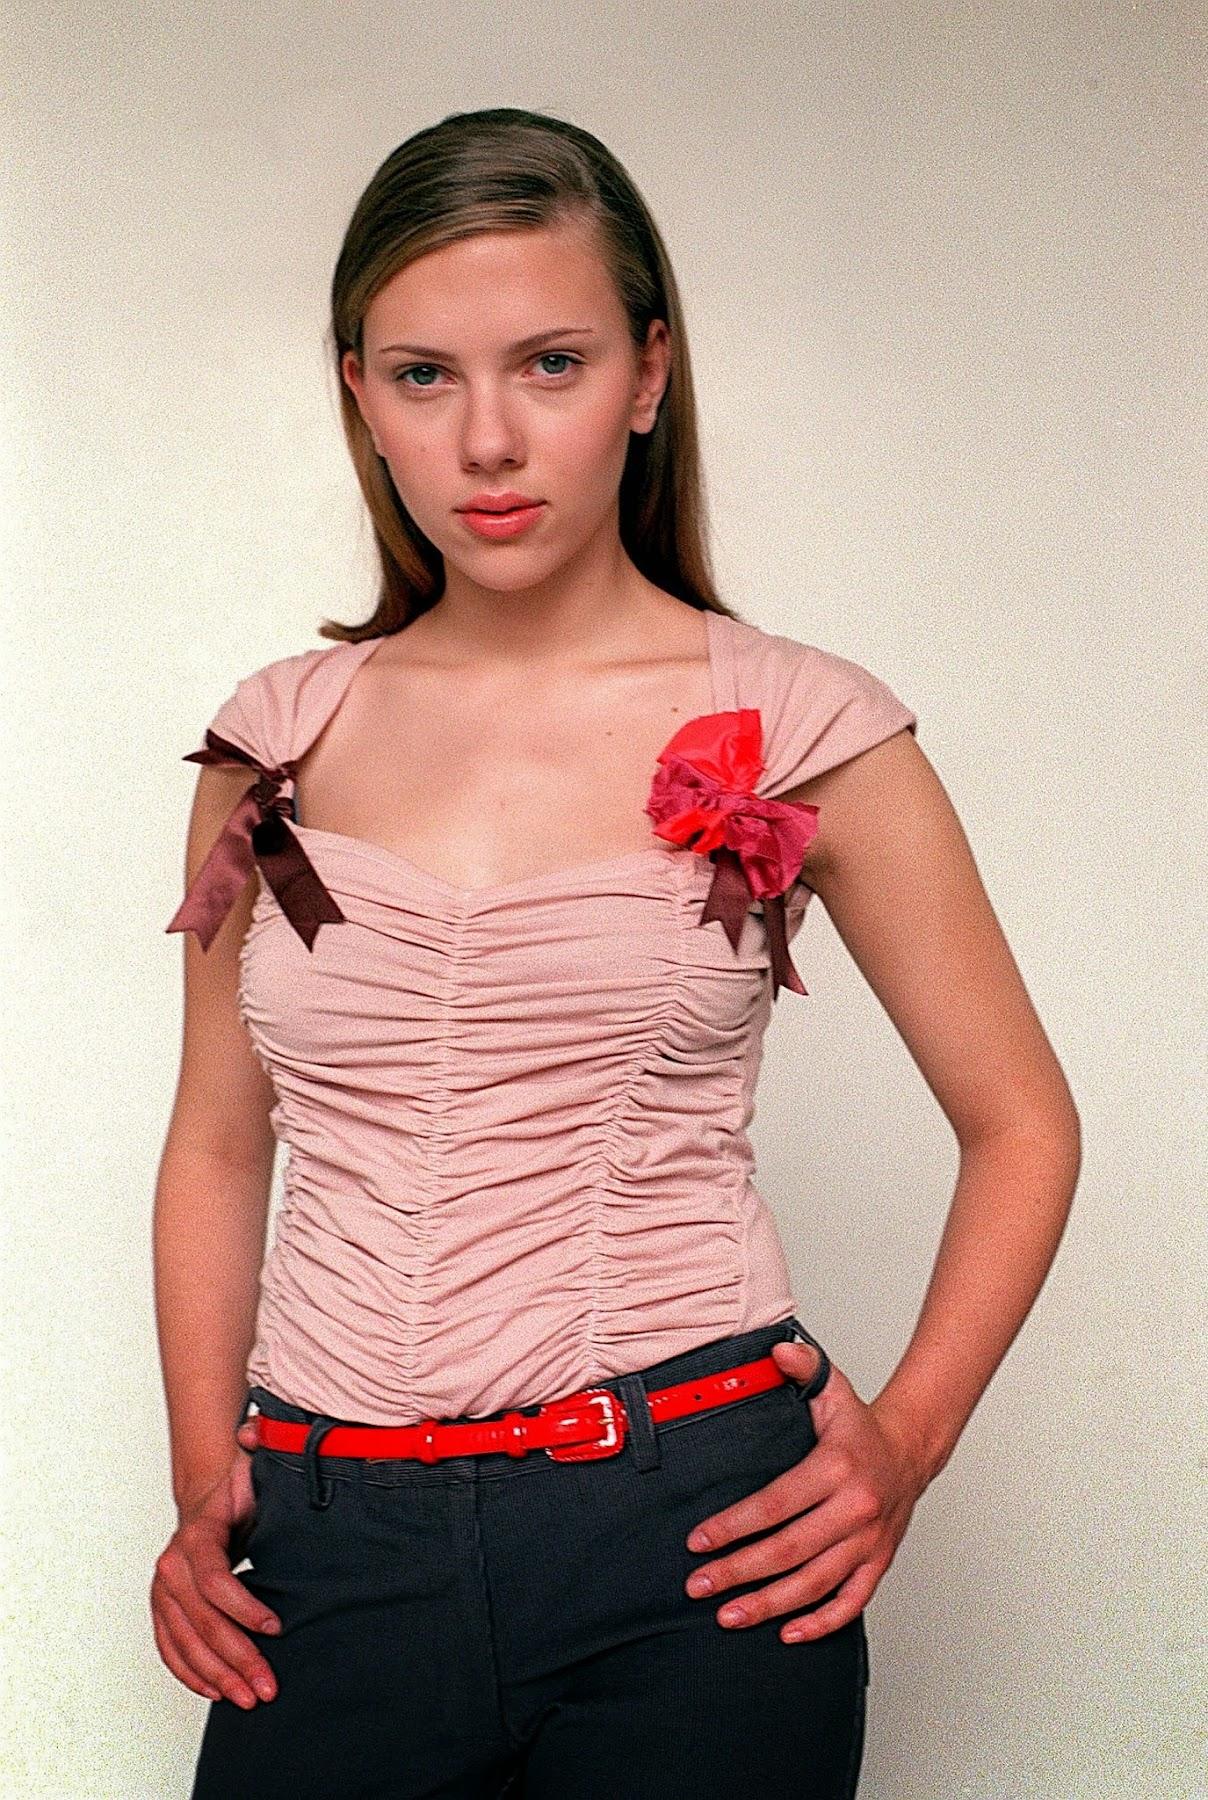 http://3.bp.blogspot.com/-2Vot-WoBePg/Un5fWAMbCwI/AAAAAAAAK-o/RLdl0a9i2vU/s1800/02086-scarlett-johansson-elizabeth-young-studio.jpg